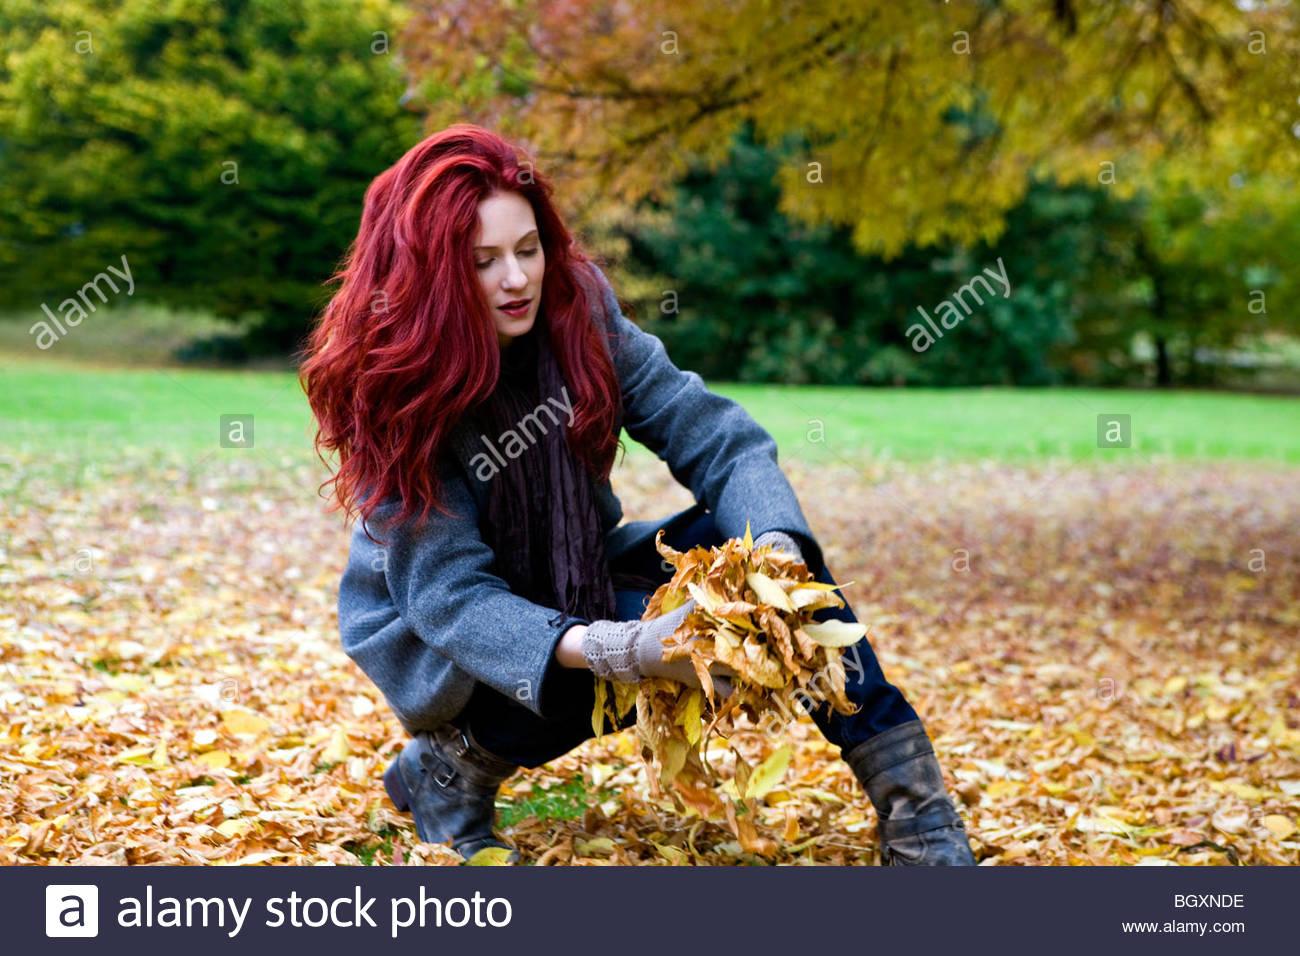 La collecte d'une jeune femme les feuilles d'automne Photo Stock